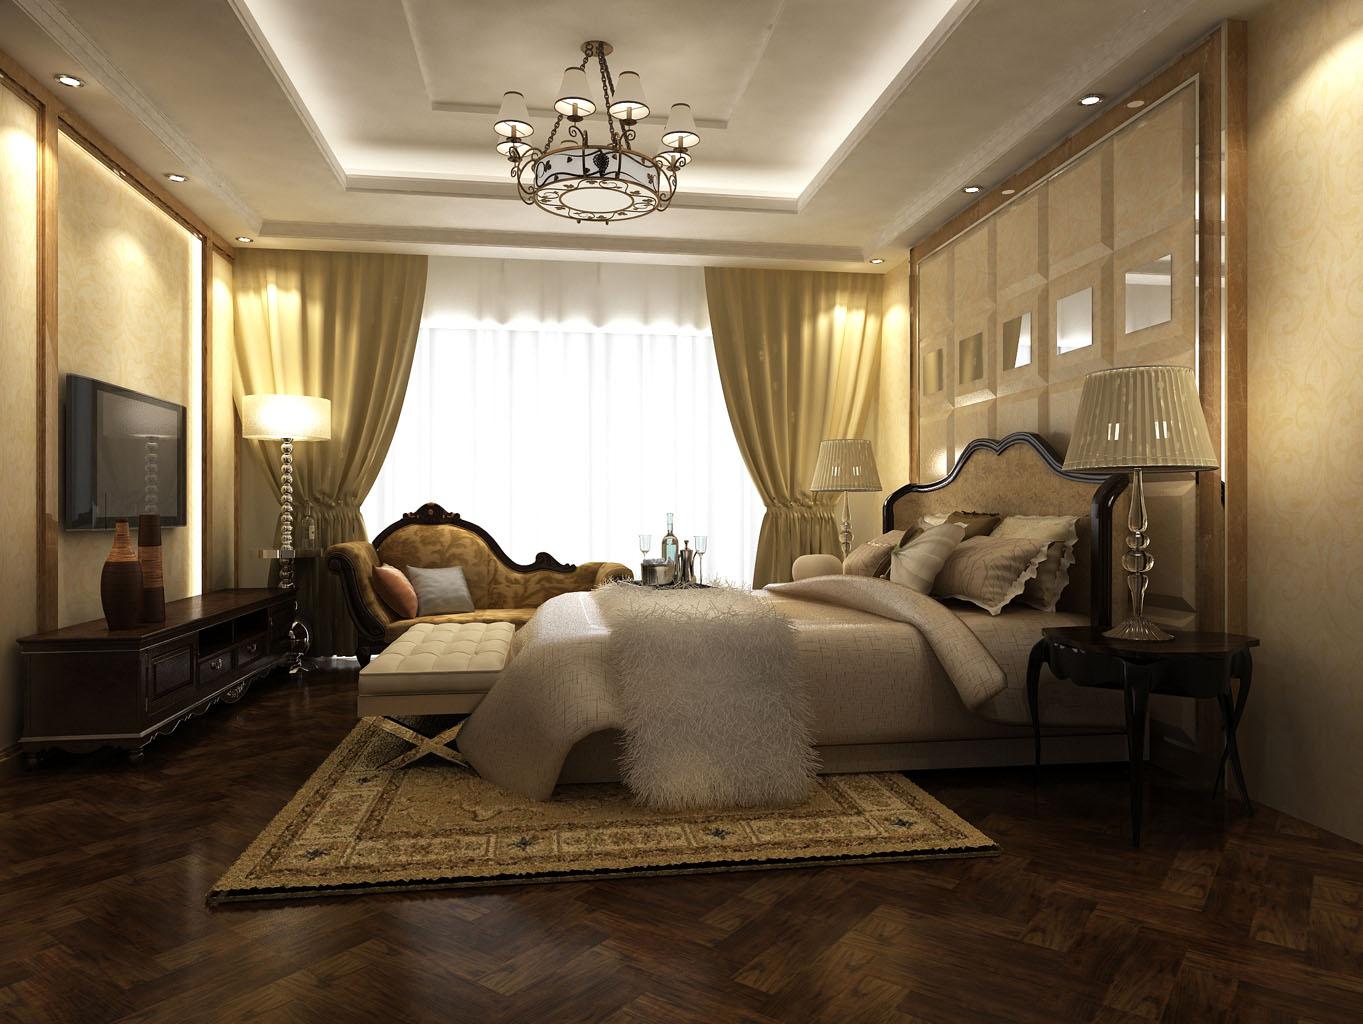 三居 金地公园上 新古典主义 185平米 卧室图片来自传承正能量在精雕细琢,镶花刻金185平新古典的分享